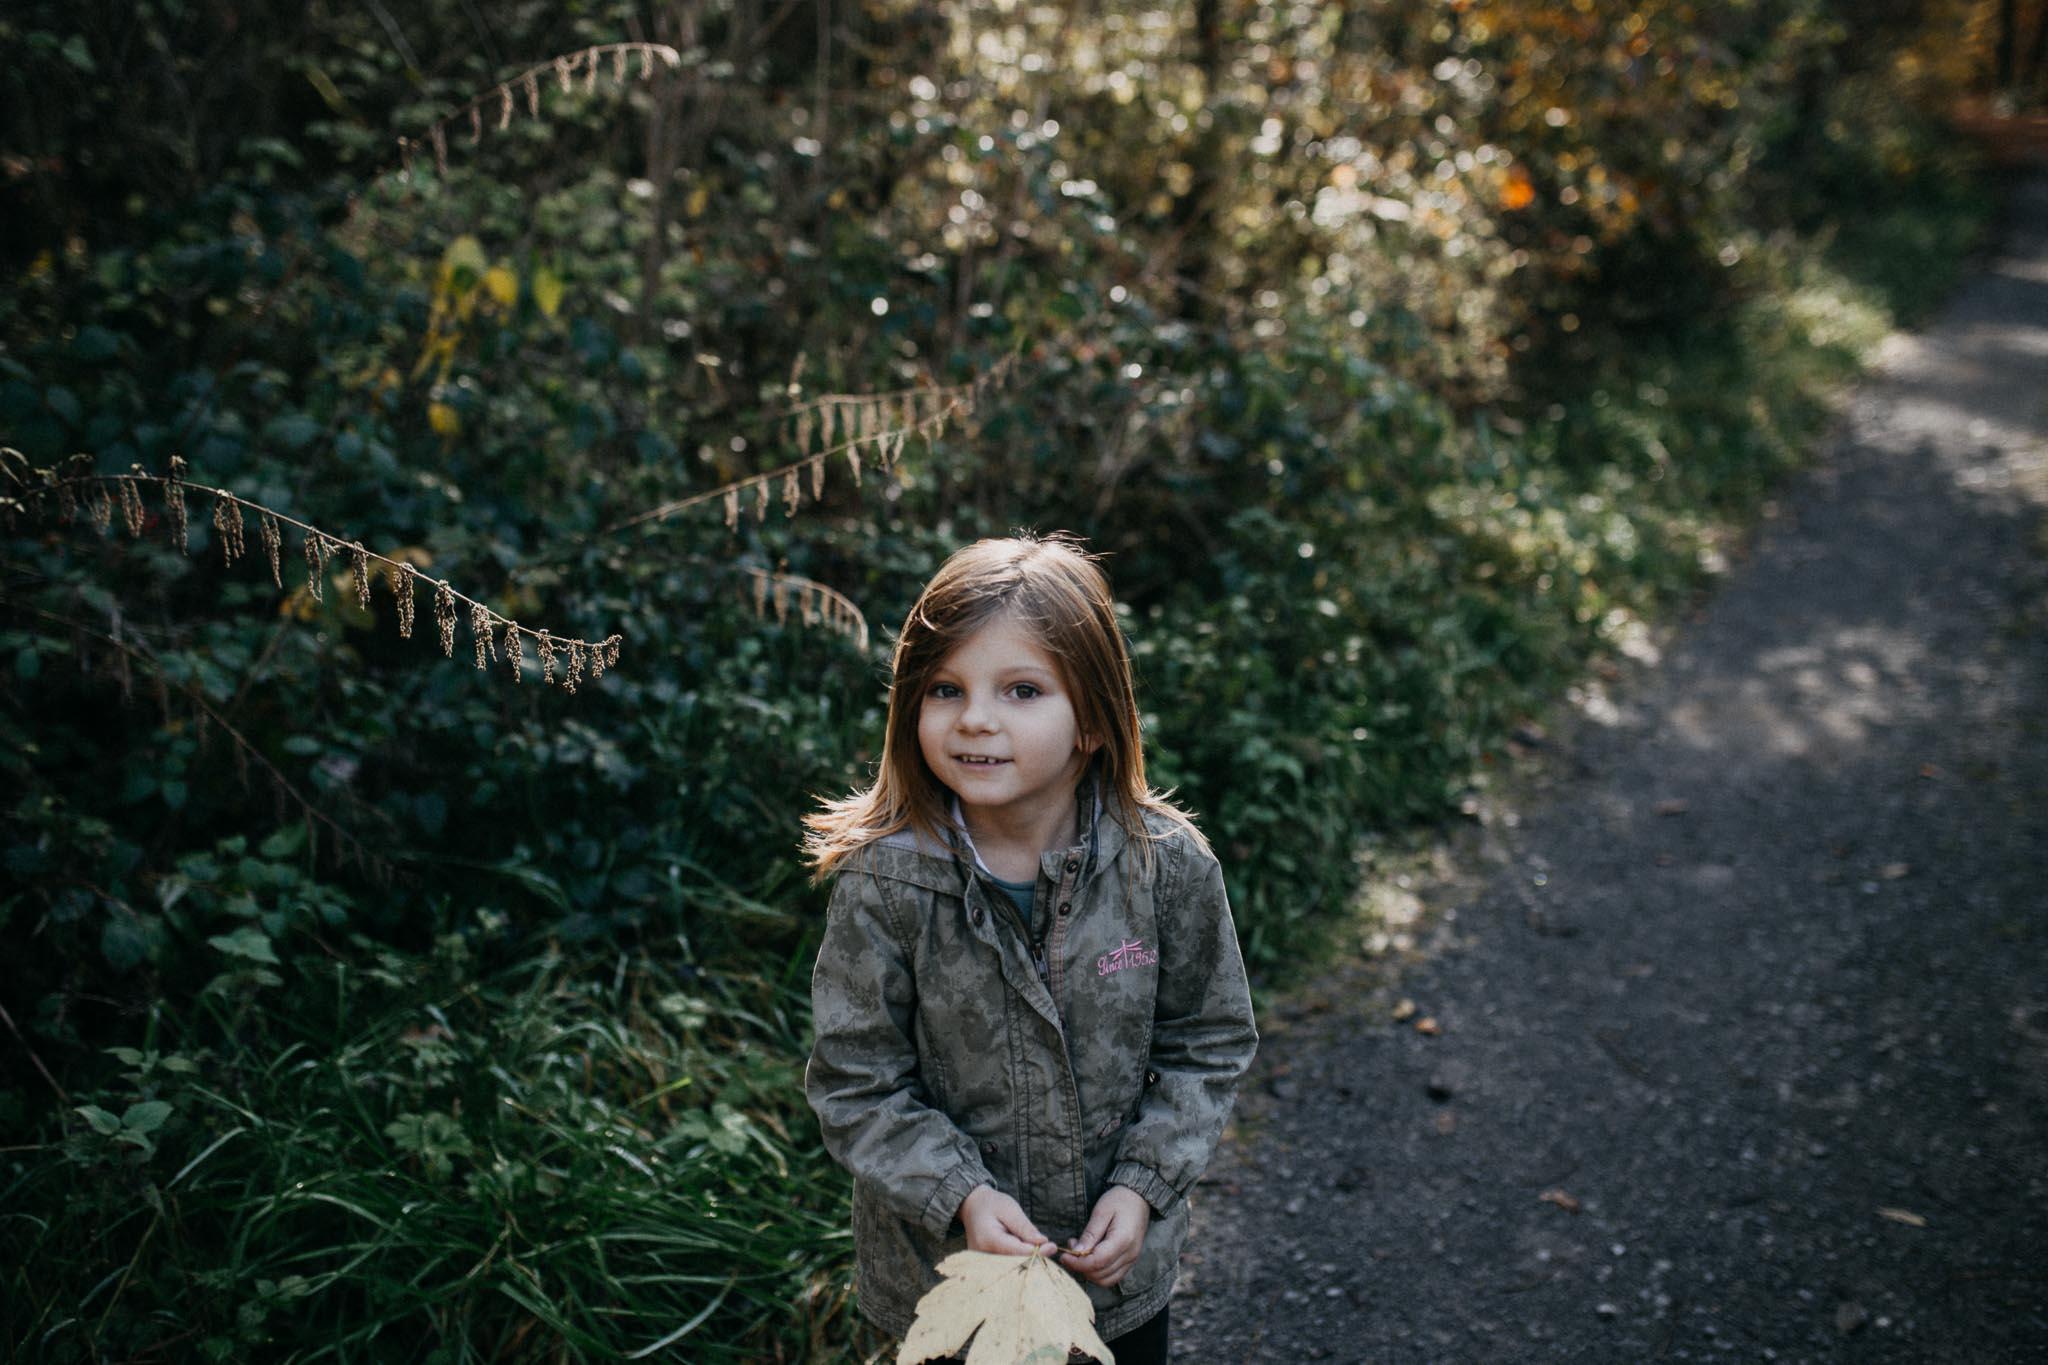 Mädchen beim Spaziergang im Wald von Rutesheim